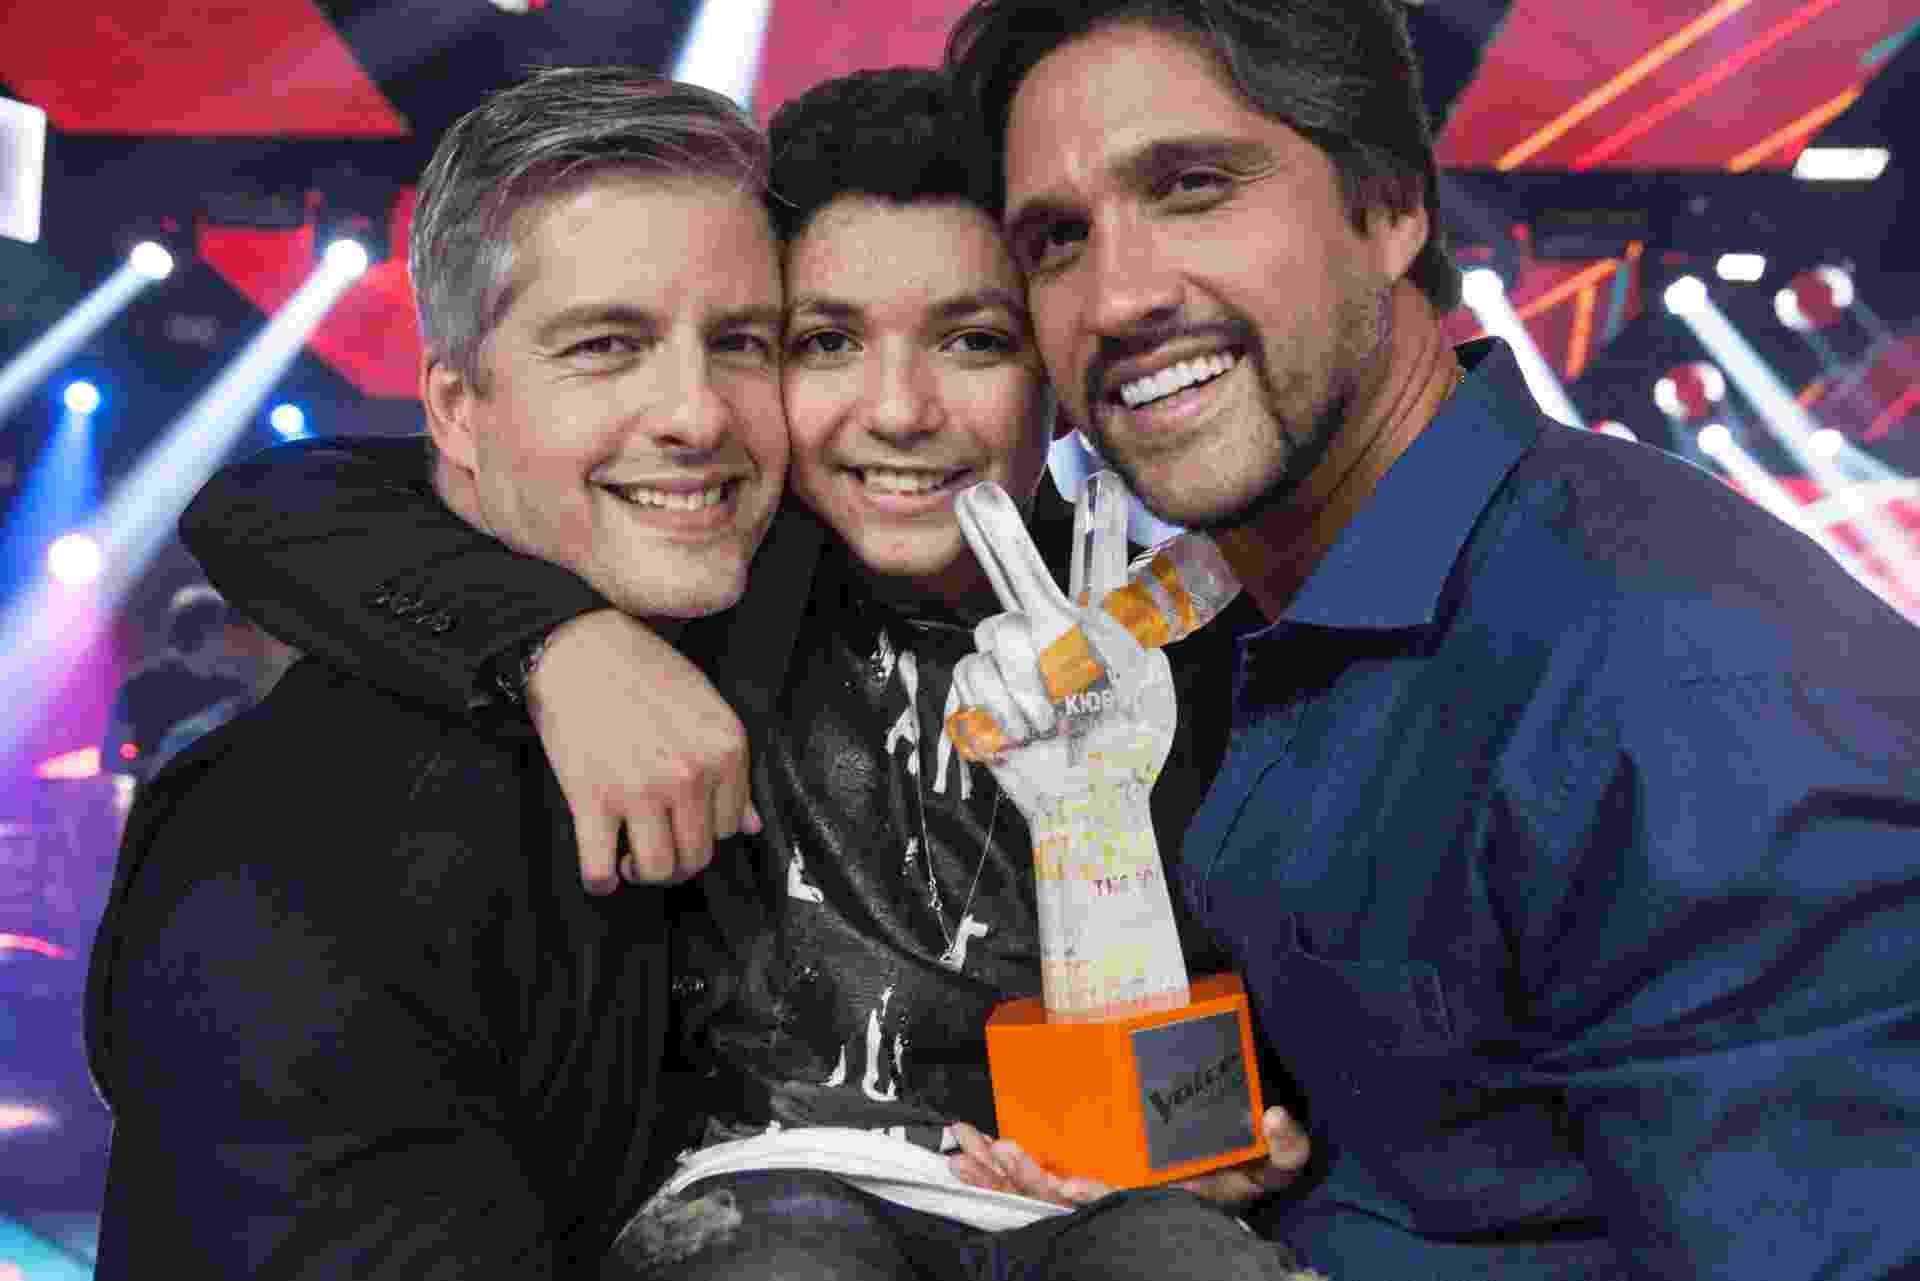 """Wagner Barreto, vencedor do """"The Voice Kids"""", com os técnicos Victor e Leo - Pedro Curi/TV Globo"""